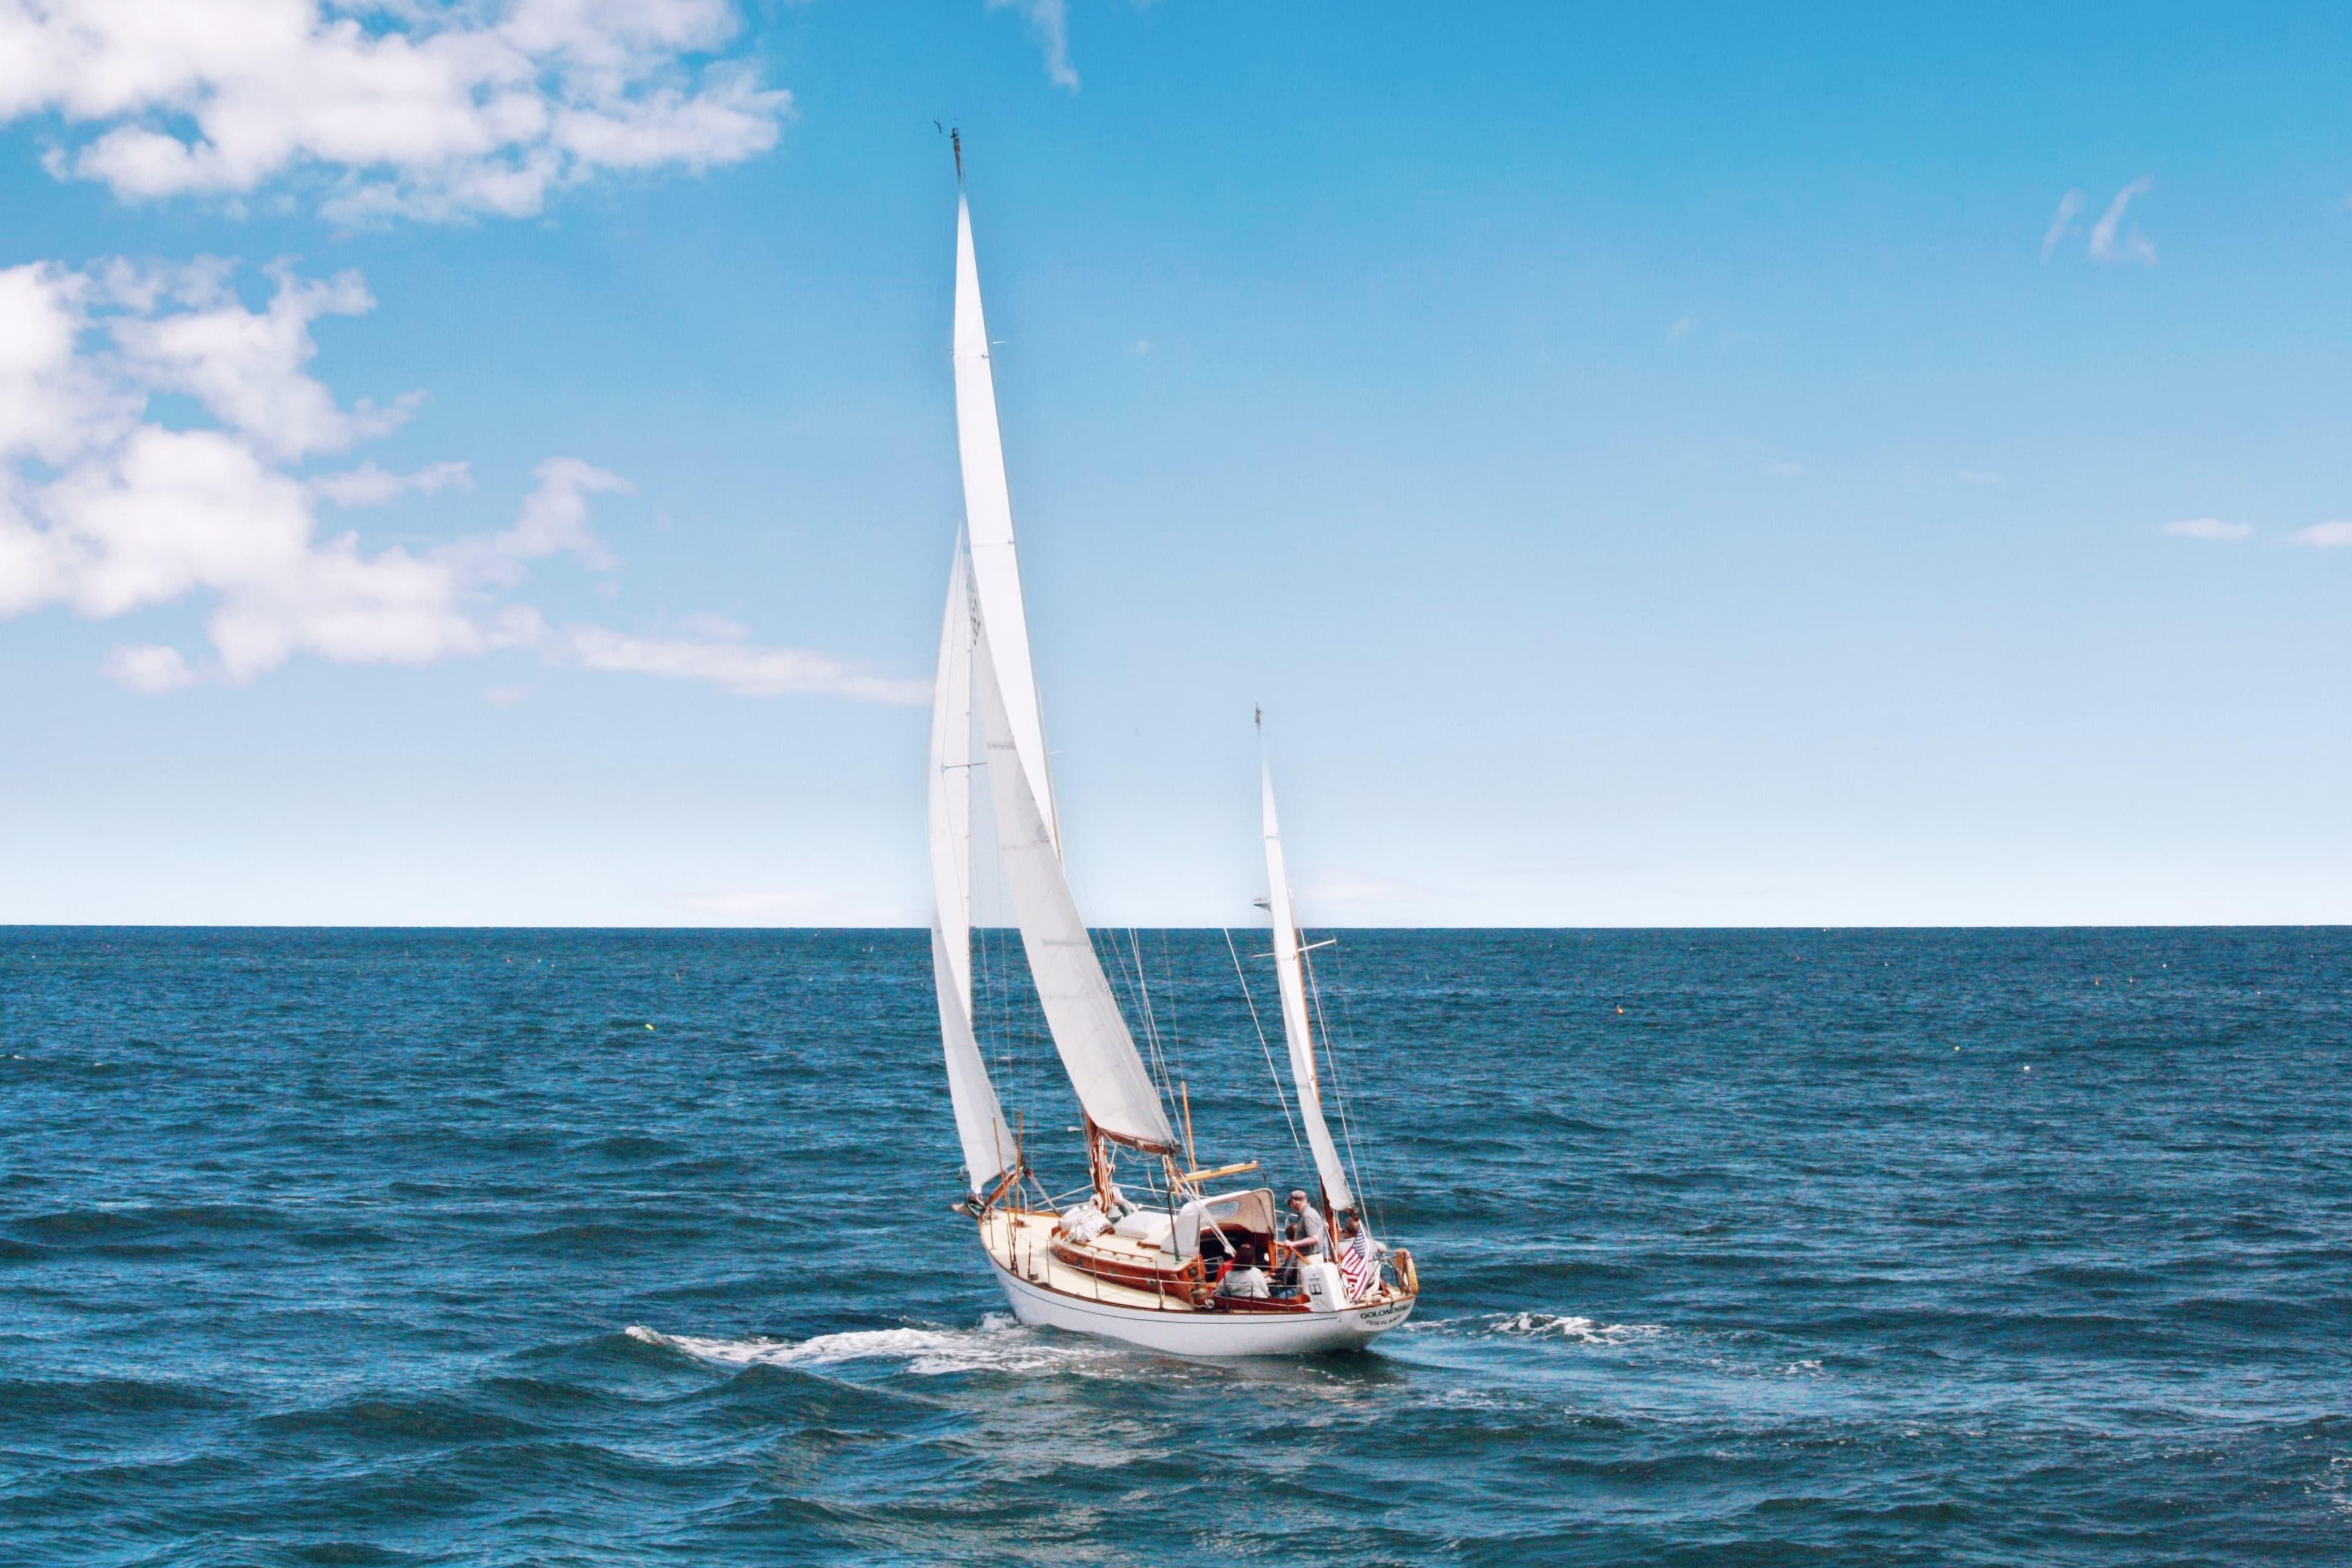 Partir en mer en louant un bateau, c'est maintenant possible 1